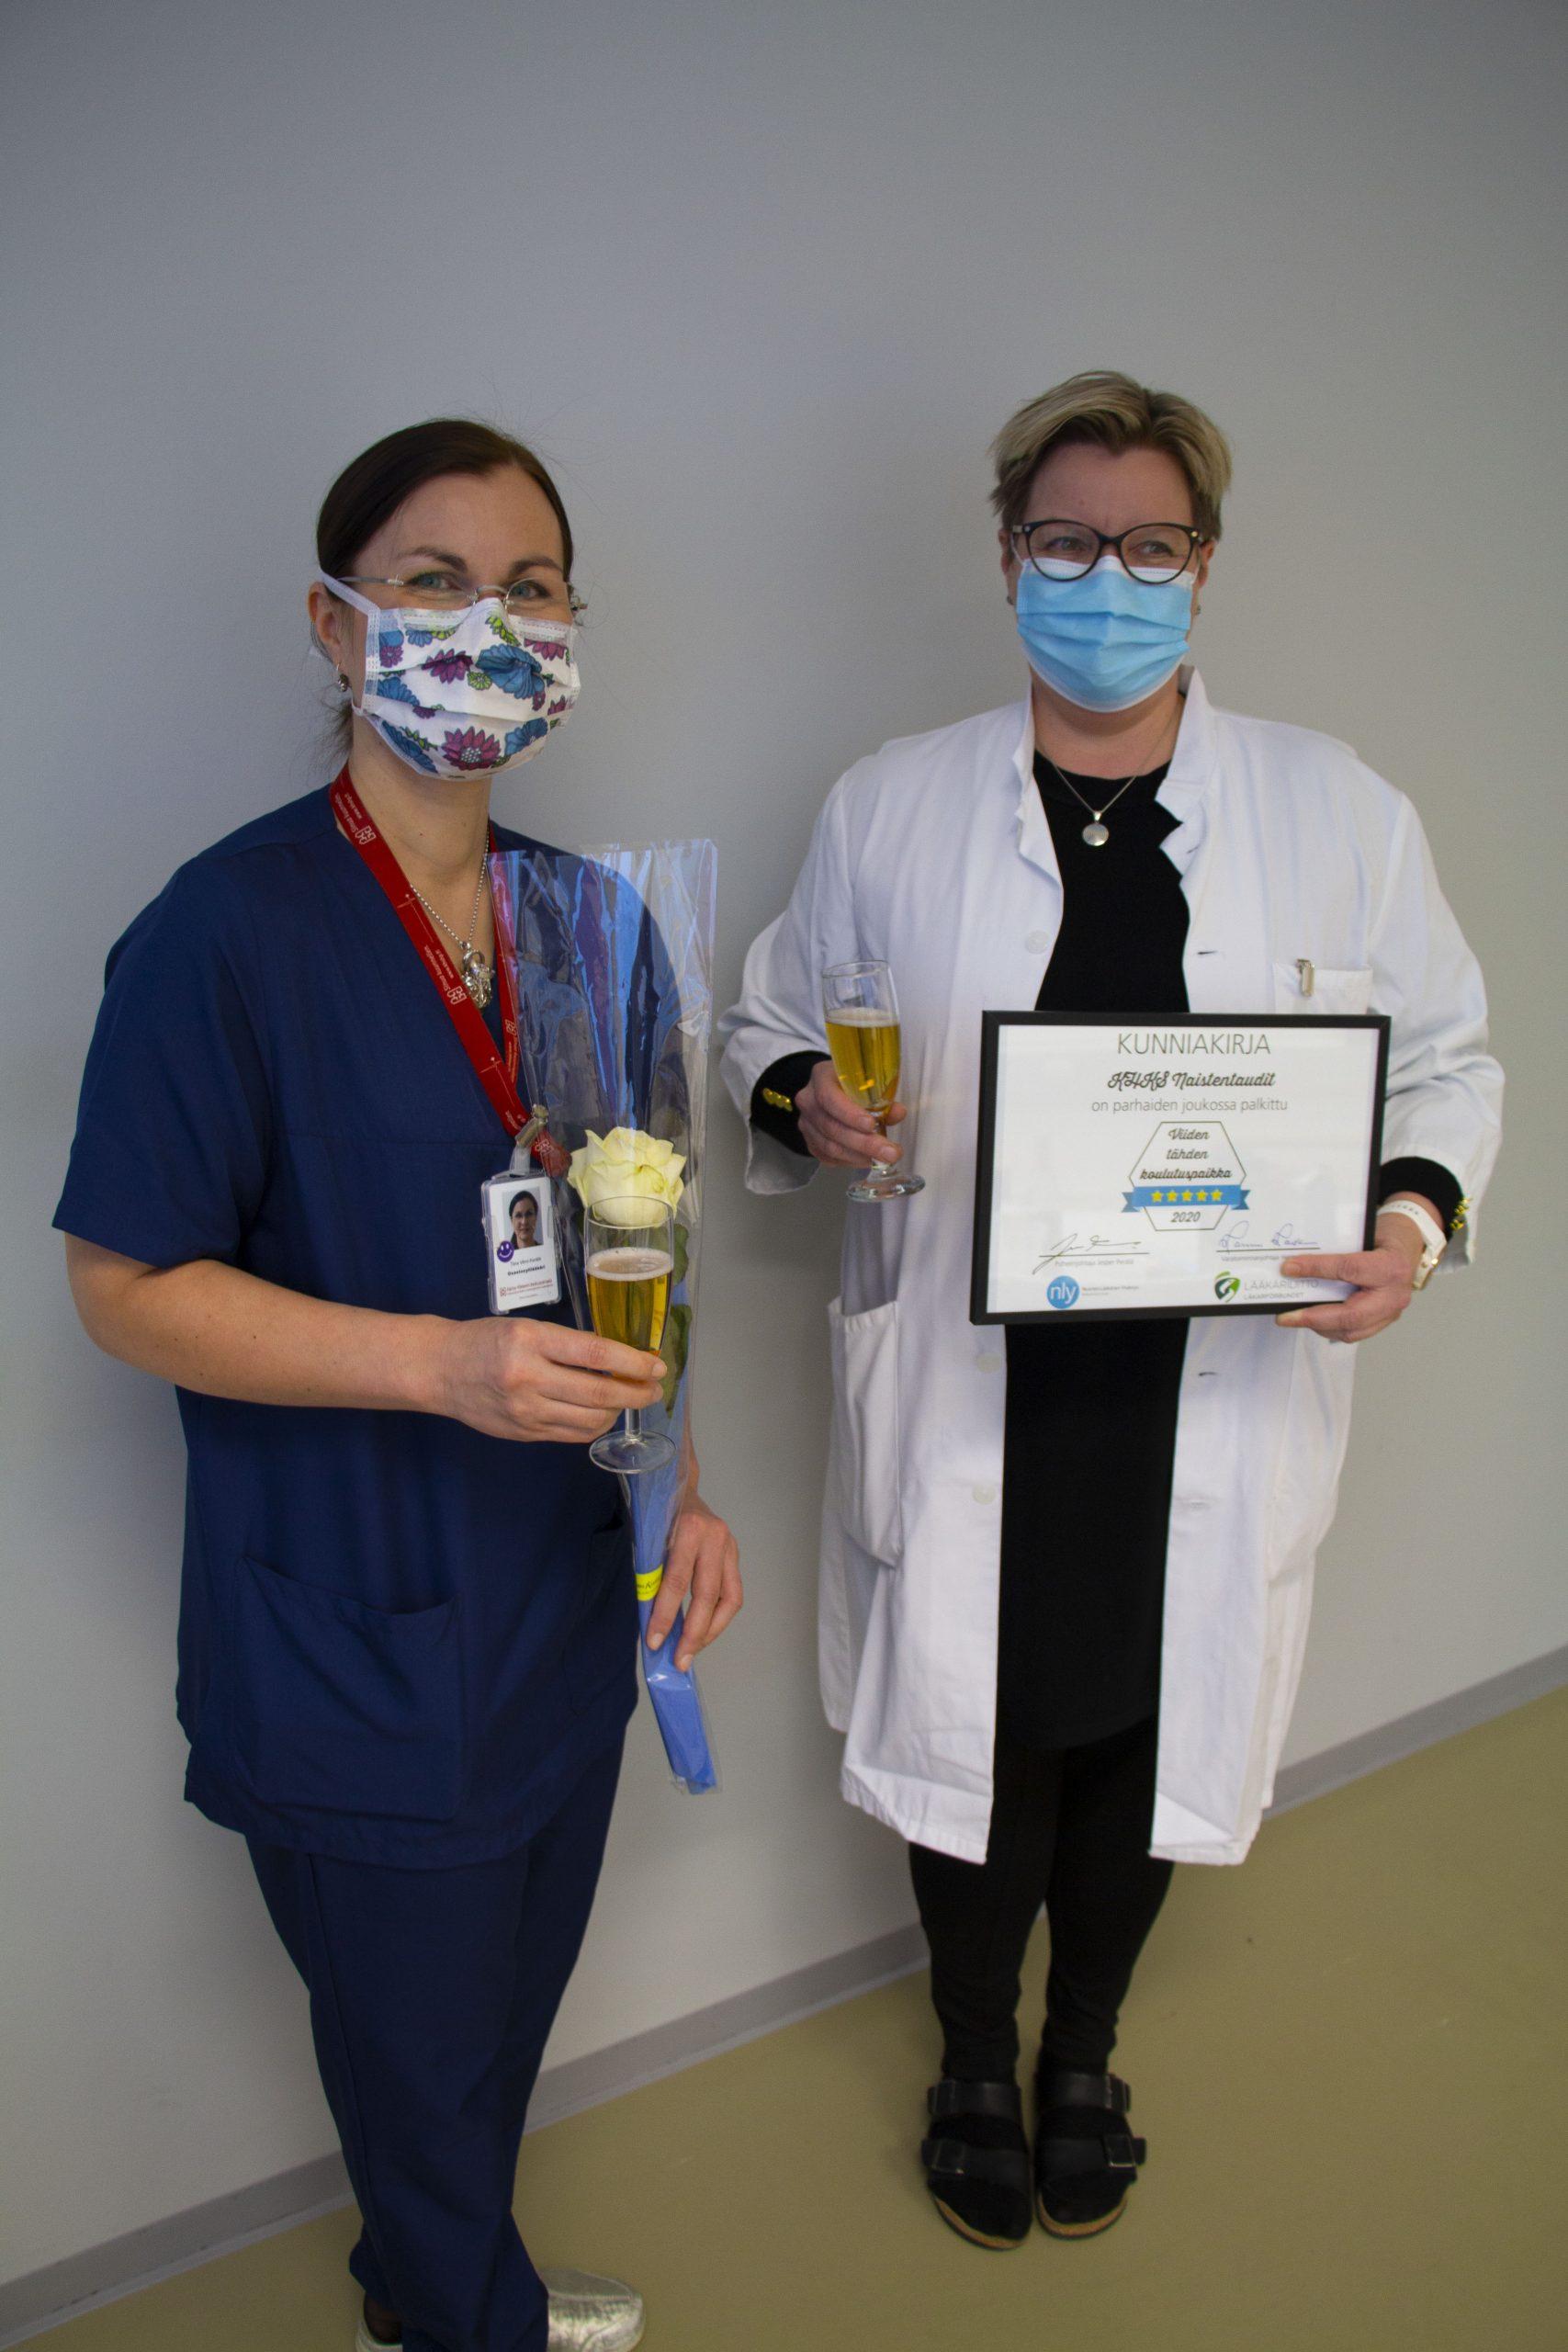 Palkintoa vastaanottamassa naistentautien osastonylilääkäri Tiina Vilmi-Kerälä sekä ylilääkäri Sari Silventoinen.